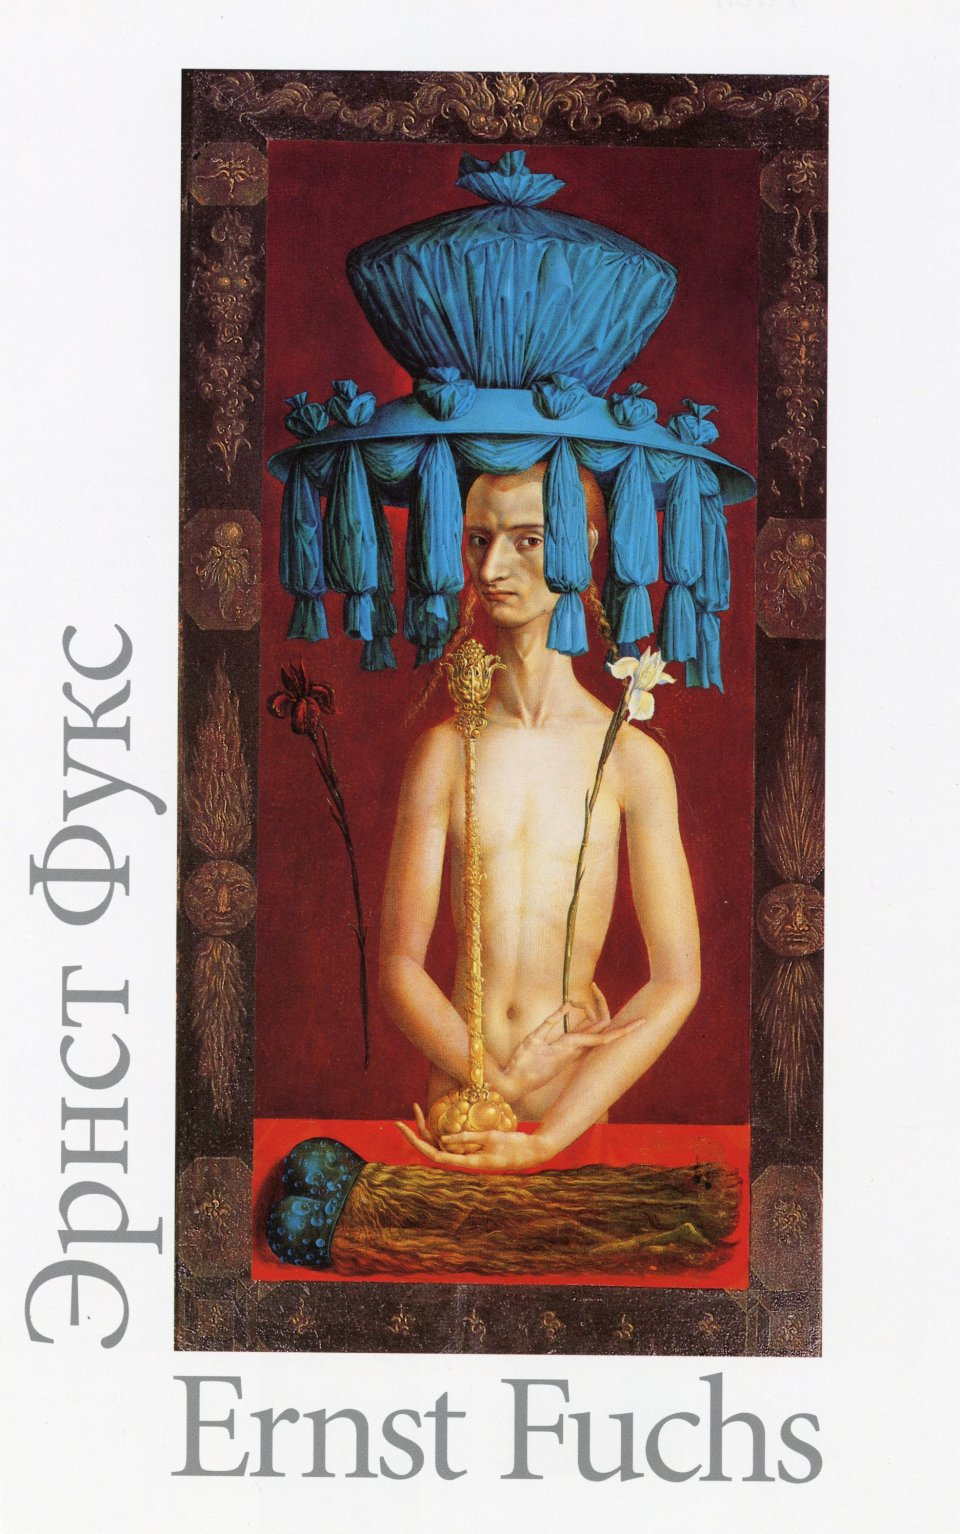 ציור ארנסט פוקס בר-מצוה או הנסיך